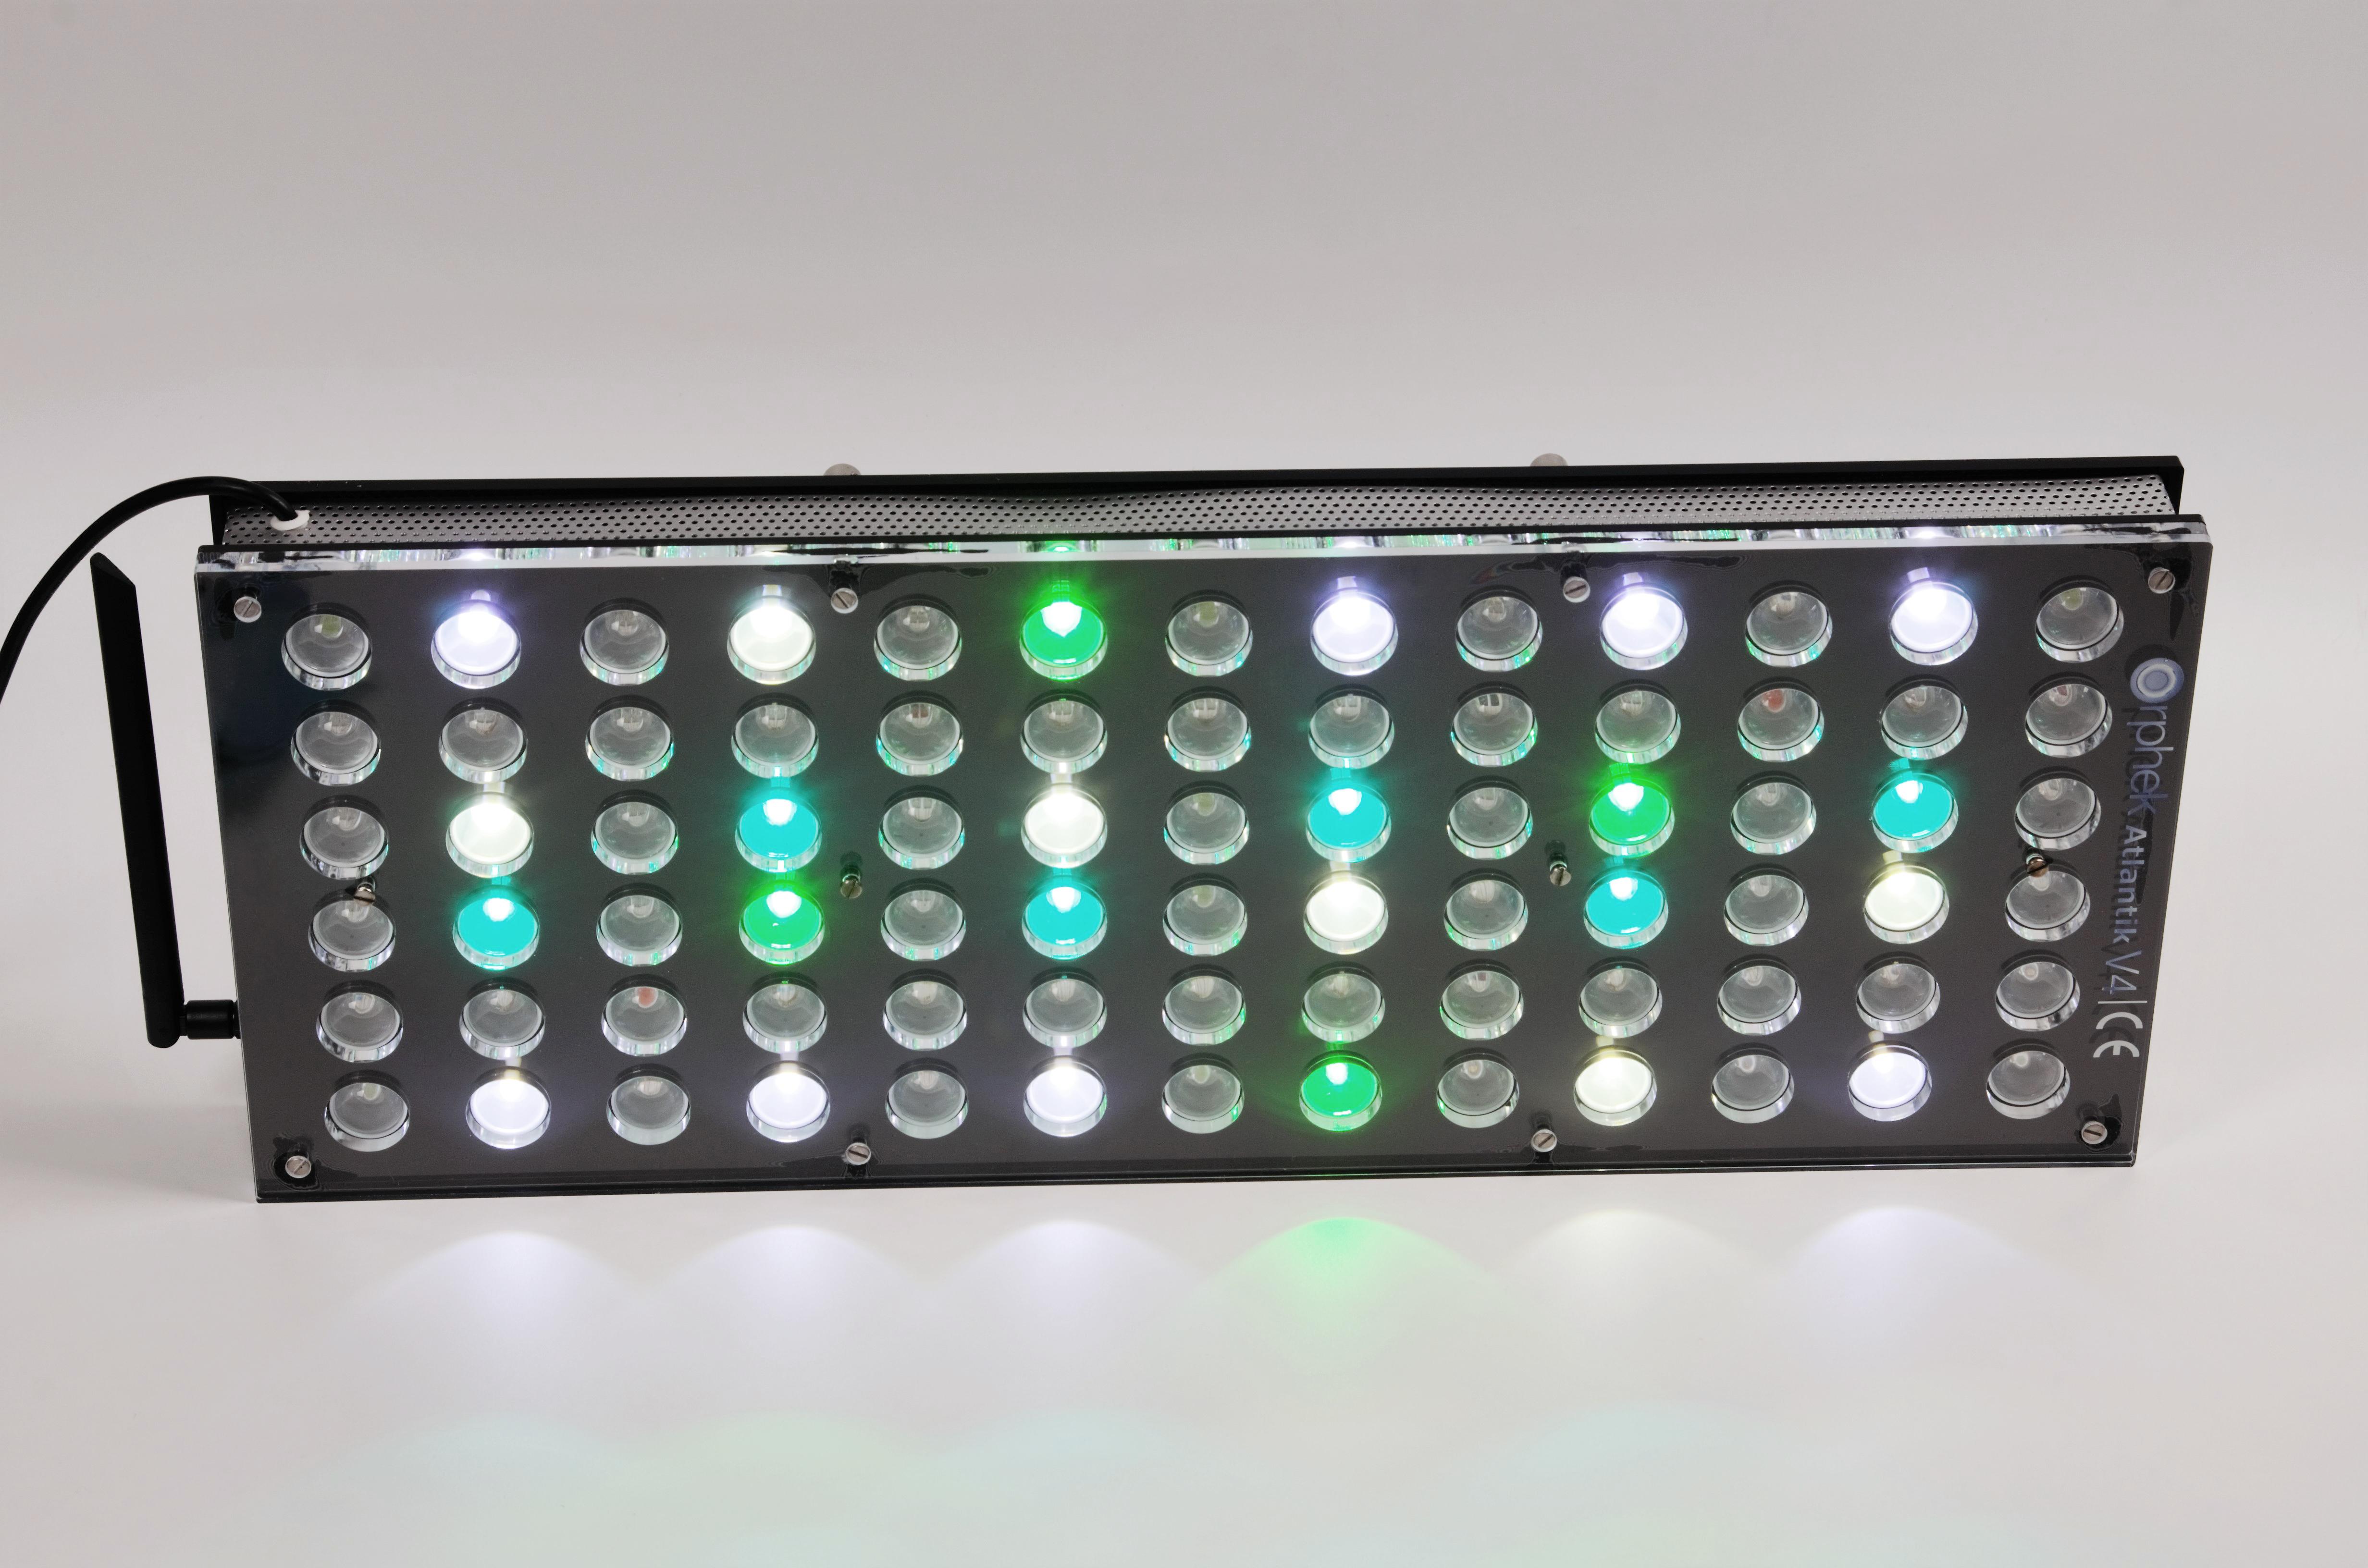 Orphek-Aquarium-LED-Lighting-Reef-Atlantik-V4-light-on-channel 1-DSC_4306